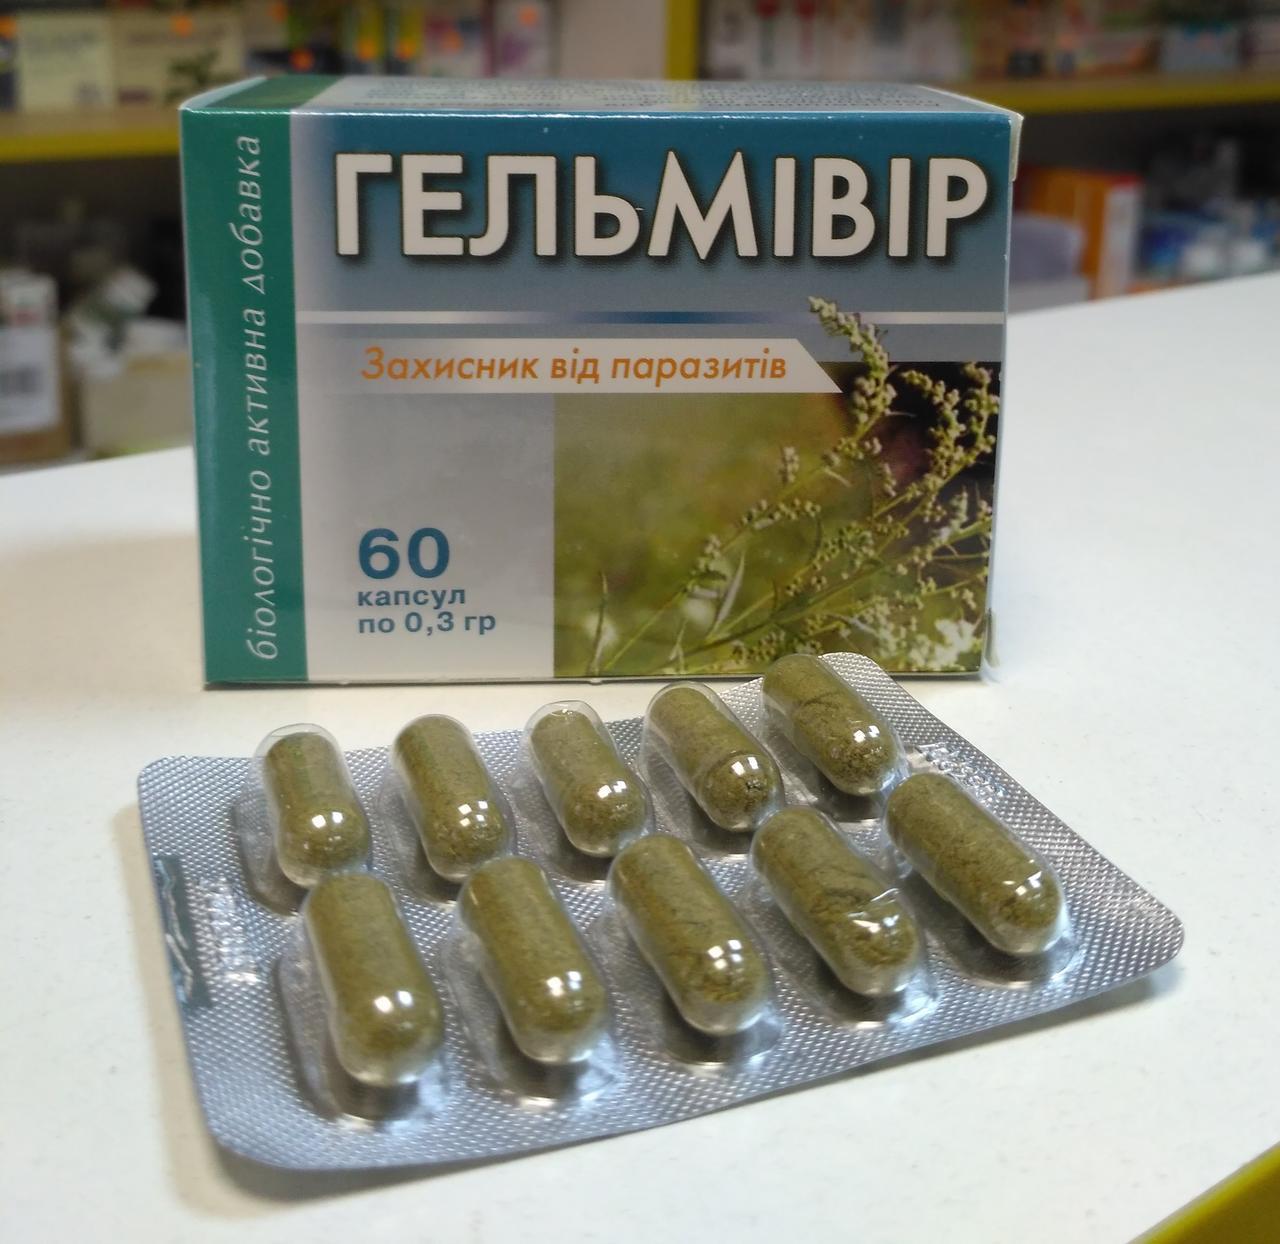 Гельмивир 60 капсул